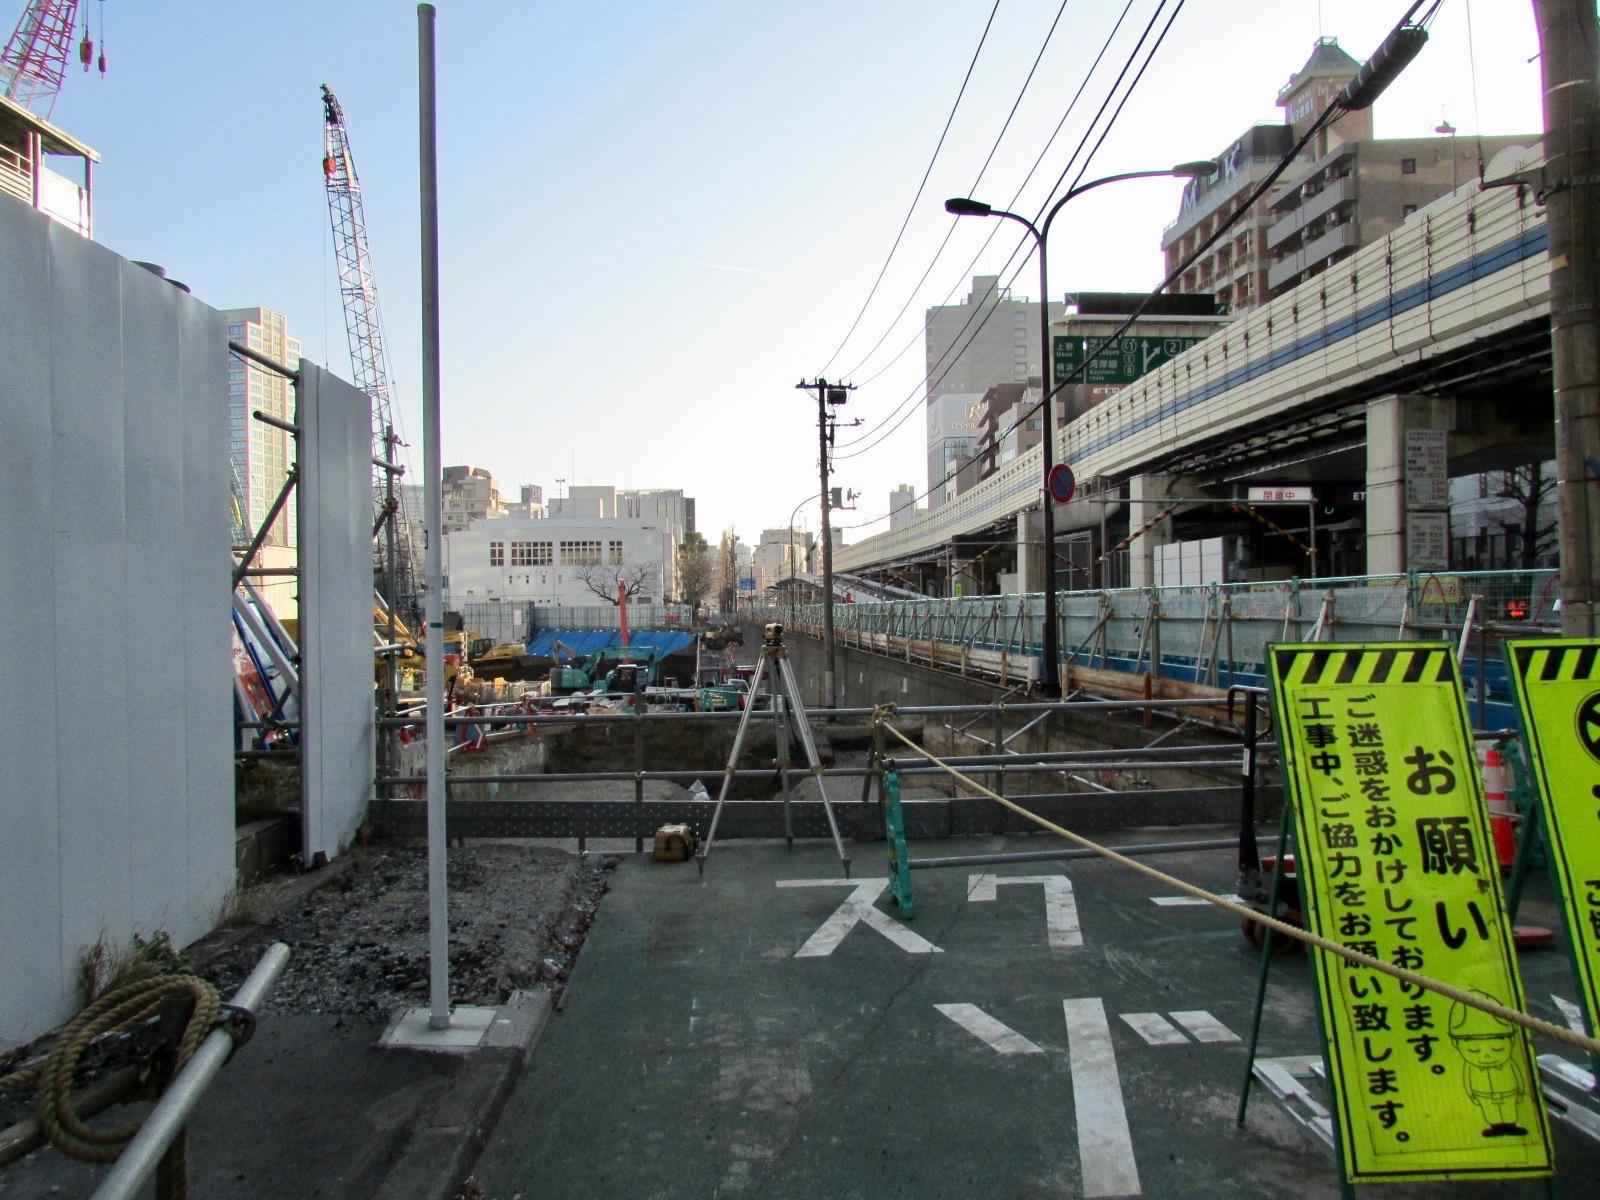 f:id:hiro-jp:20200111151302j:plain